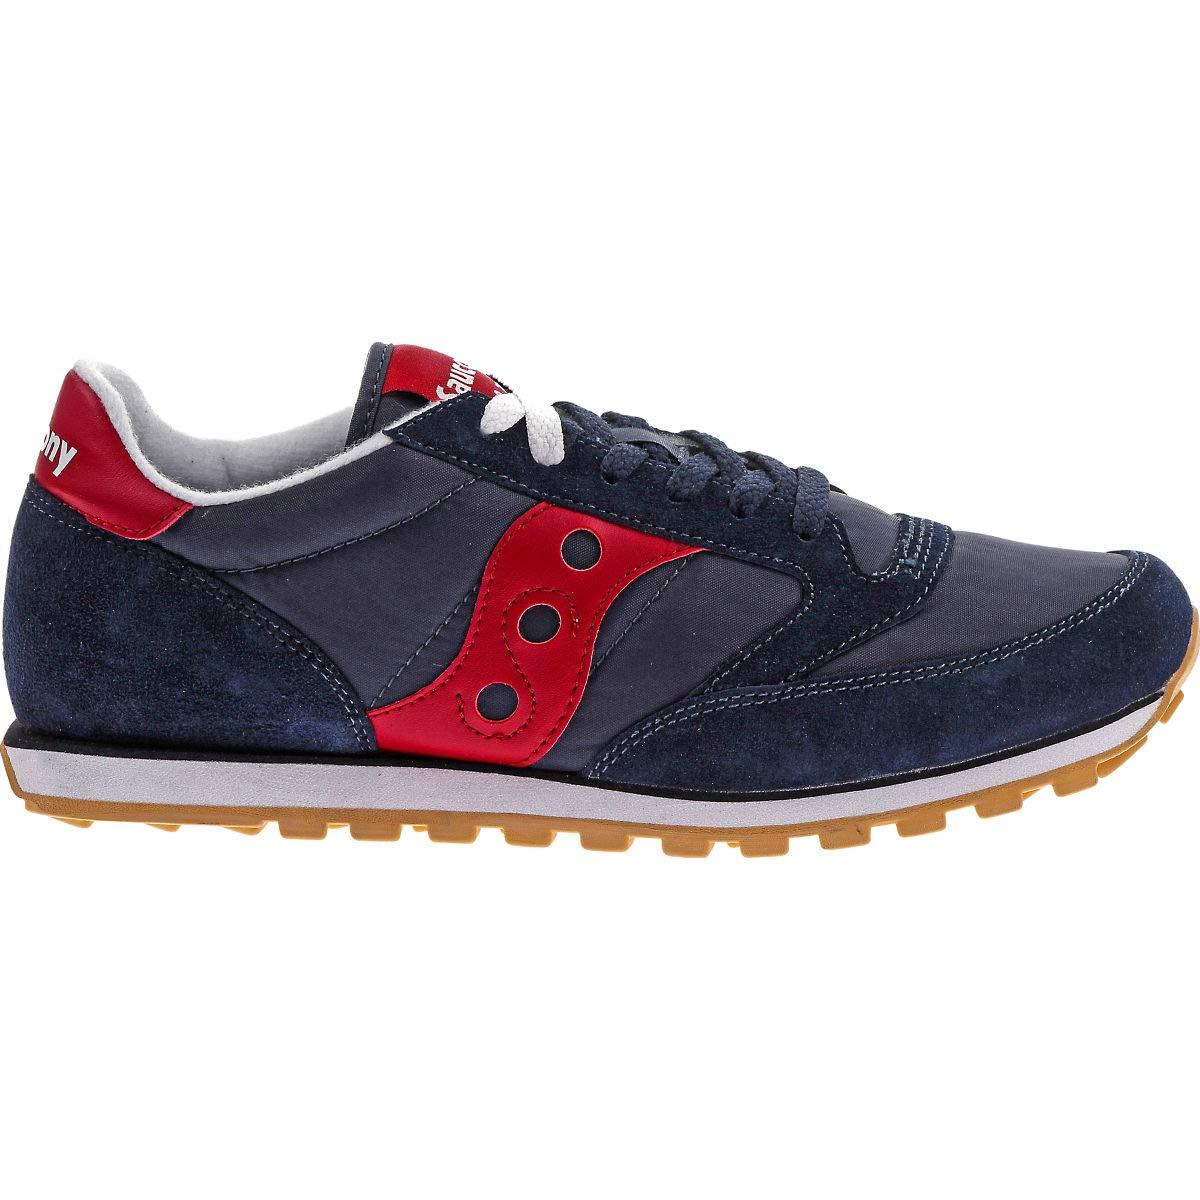 Saucony Originals Classic Retro Sneaker